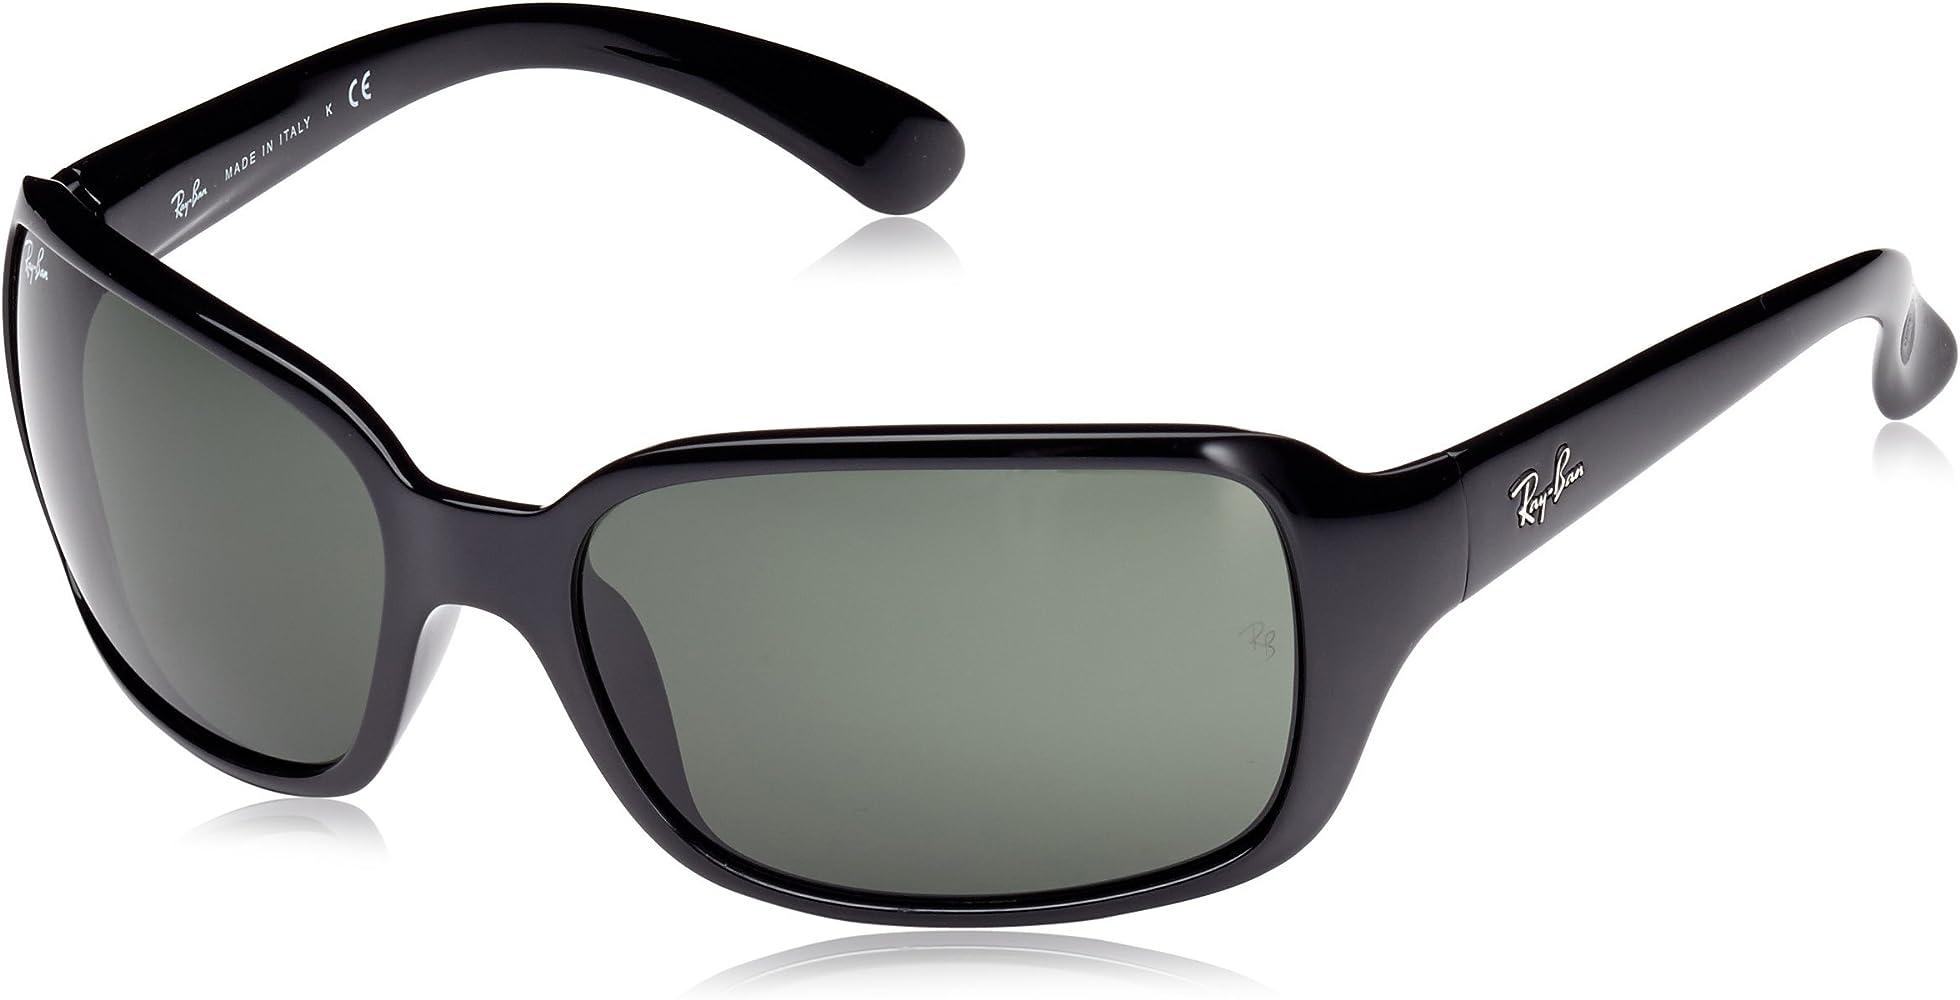 Ray Ban Rb4068 Gafas de sol para mujer